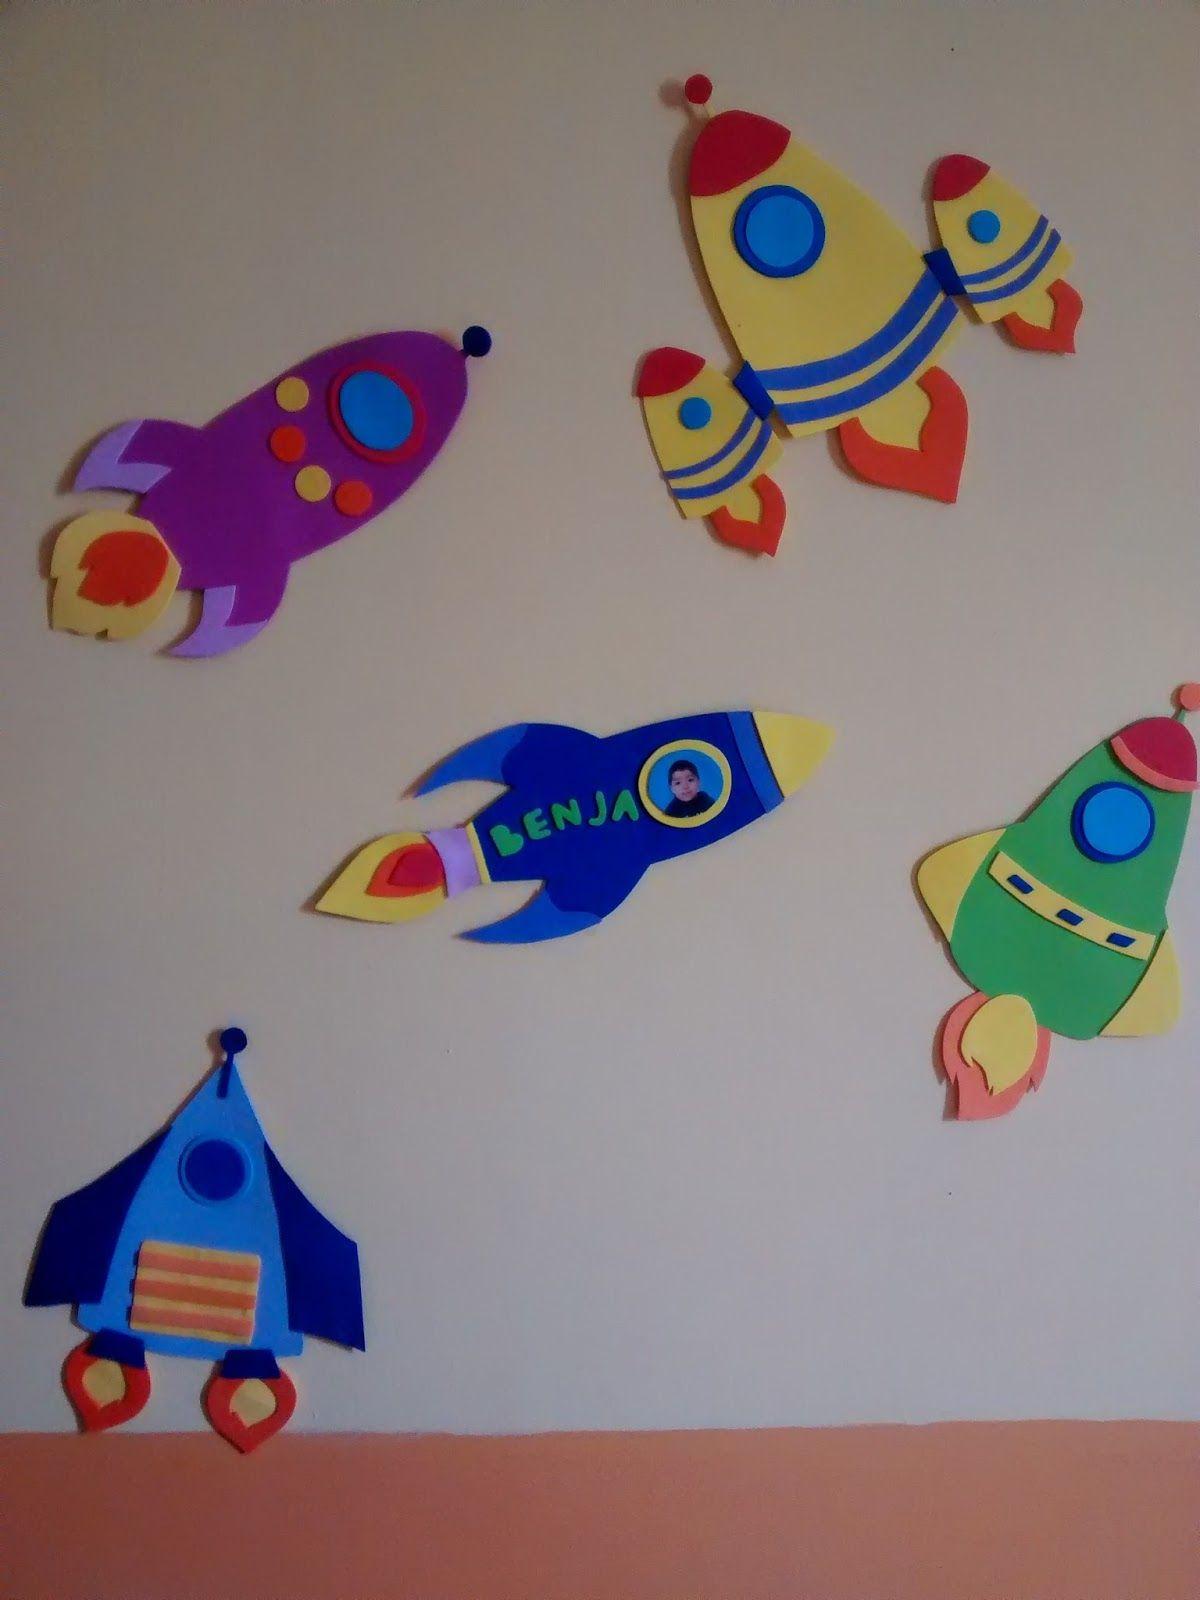 Incre bles nave espaciales de goma eva para la habitaci n - Decorar paredes infantiles con goma eva ...